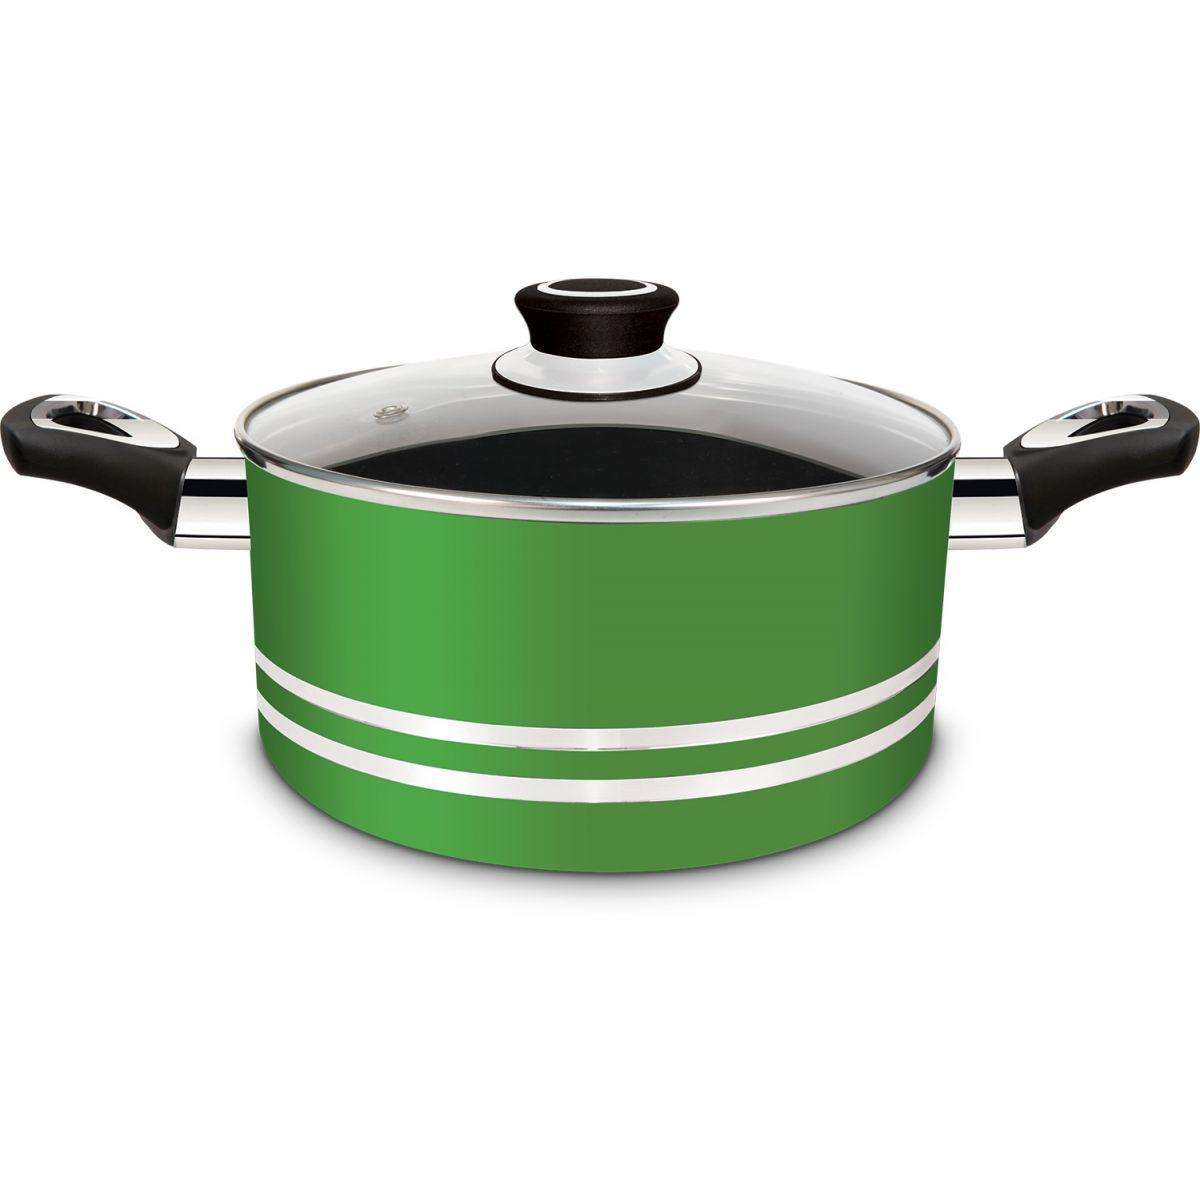 Caçarola Eirilar Clarity Green  - ShopNoroeste.com.br